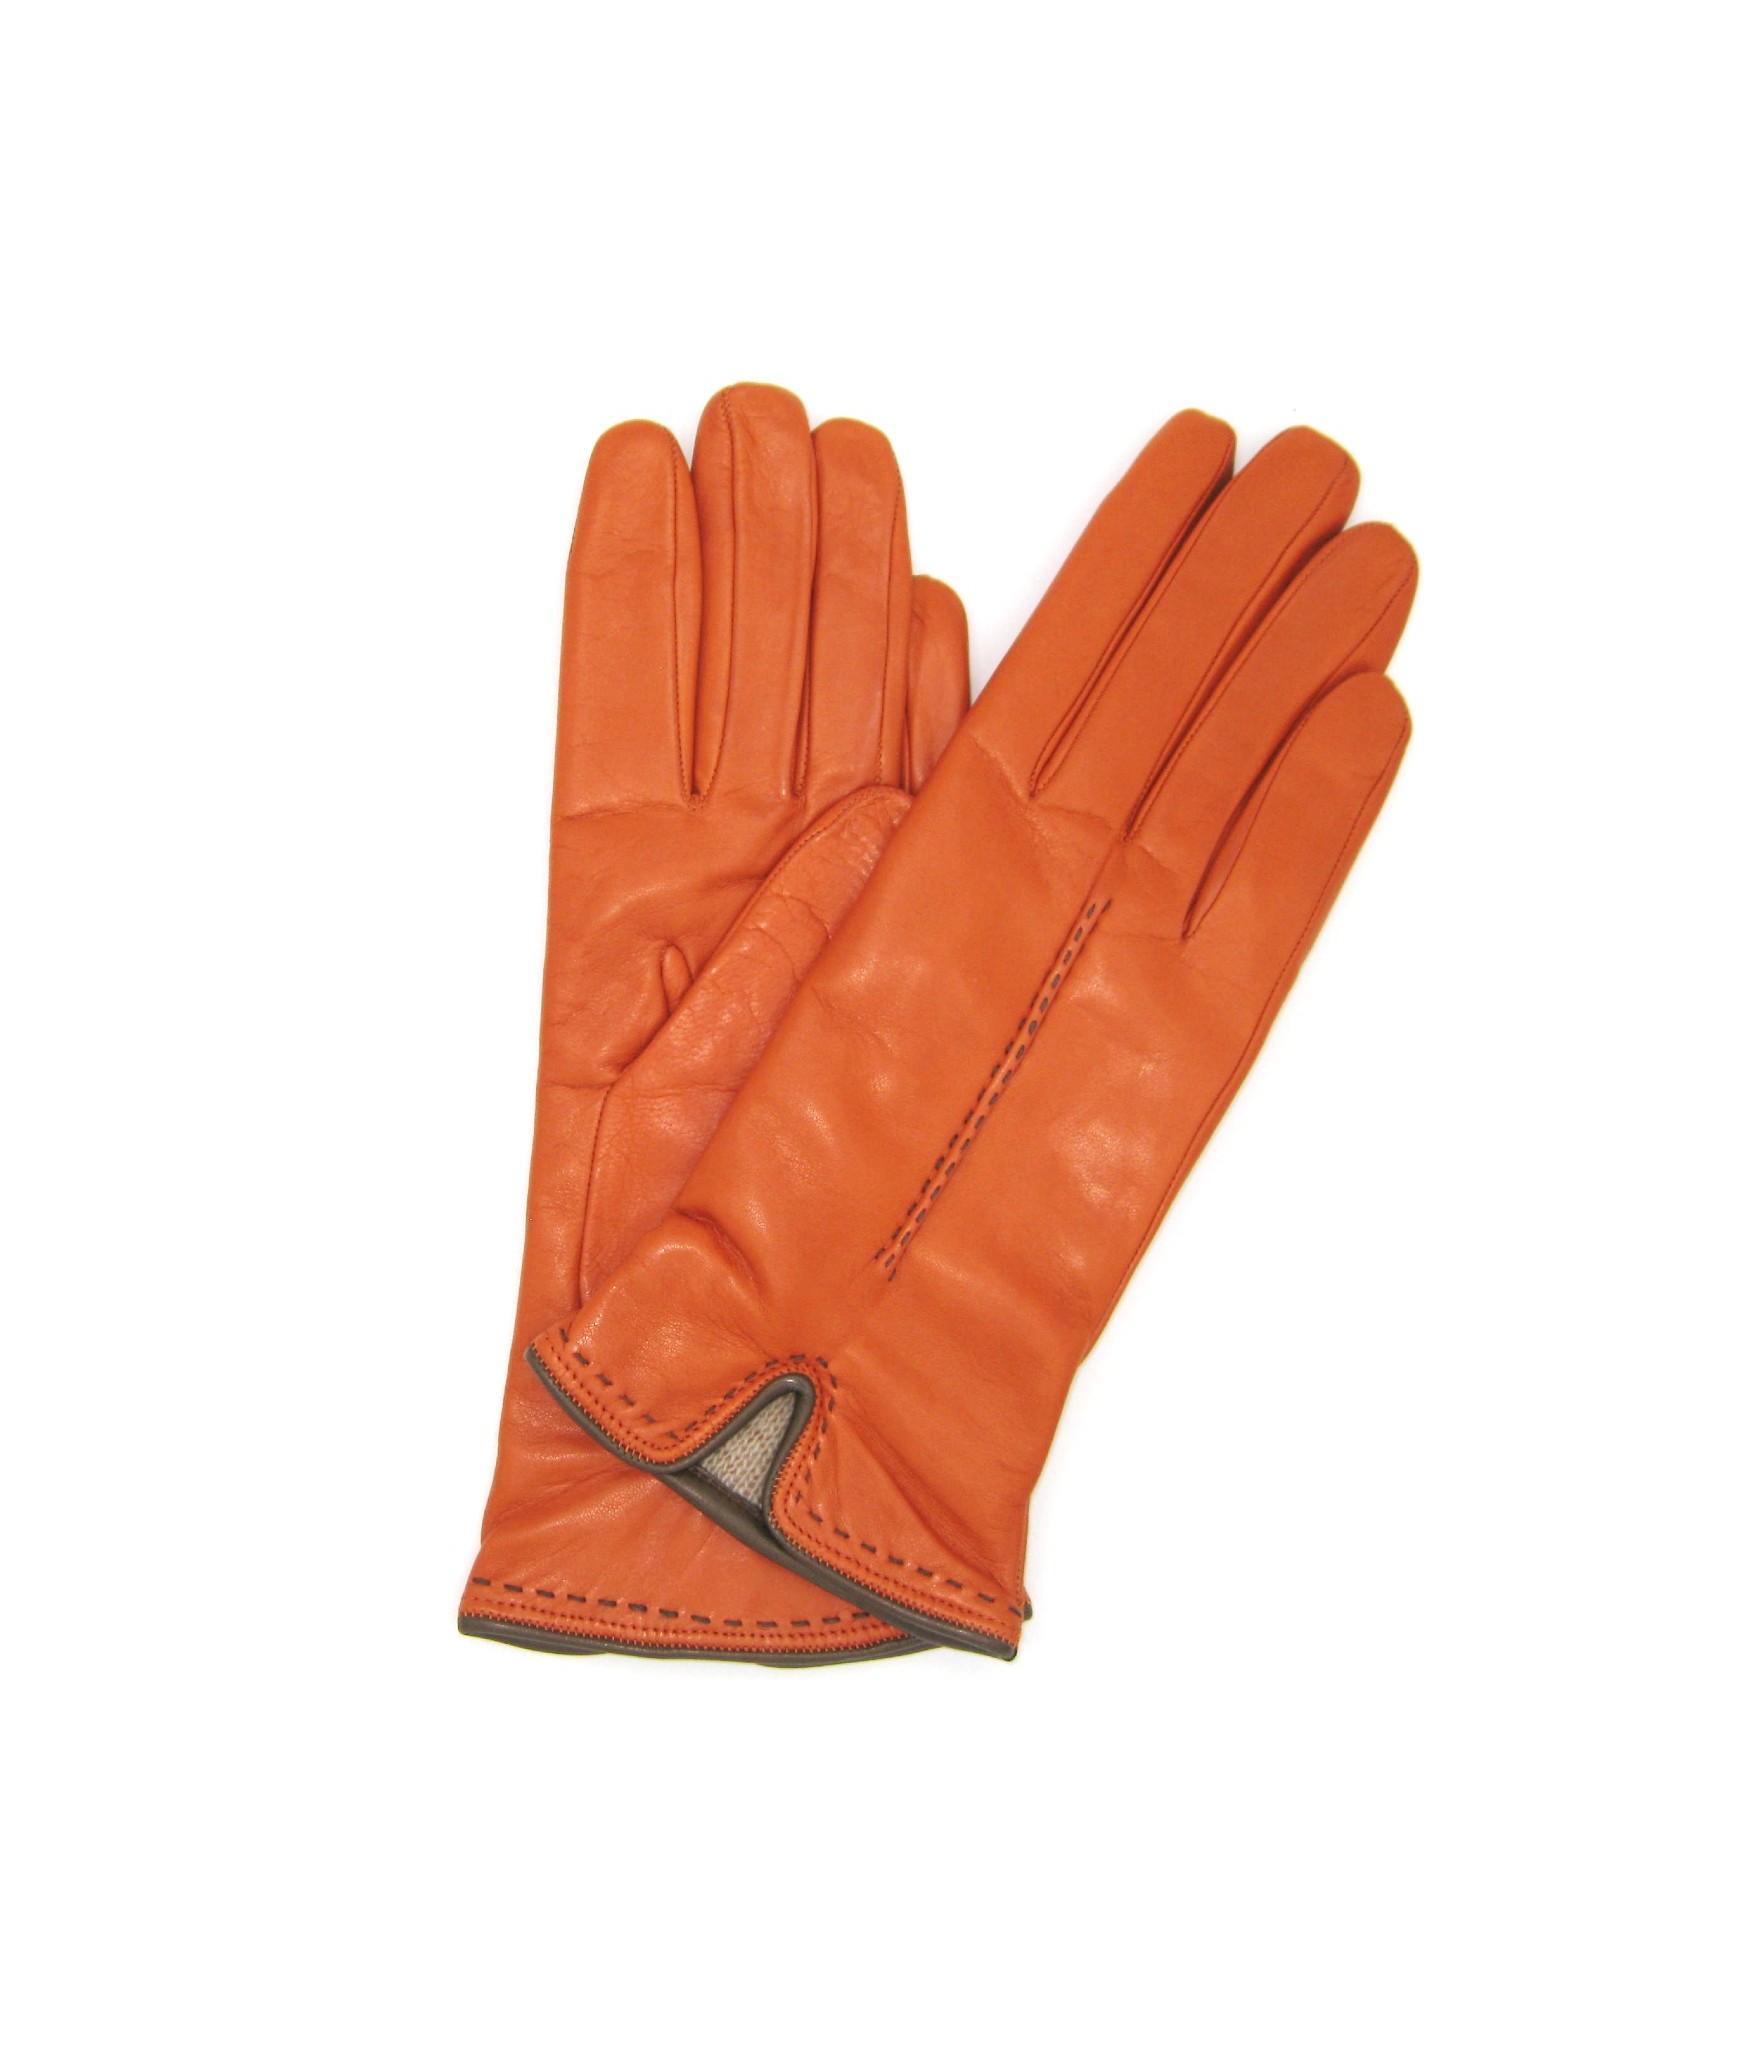 Guanto Nappa 2bt fod.cashmere dettaglio al polso Arancio/Mink